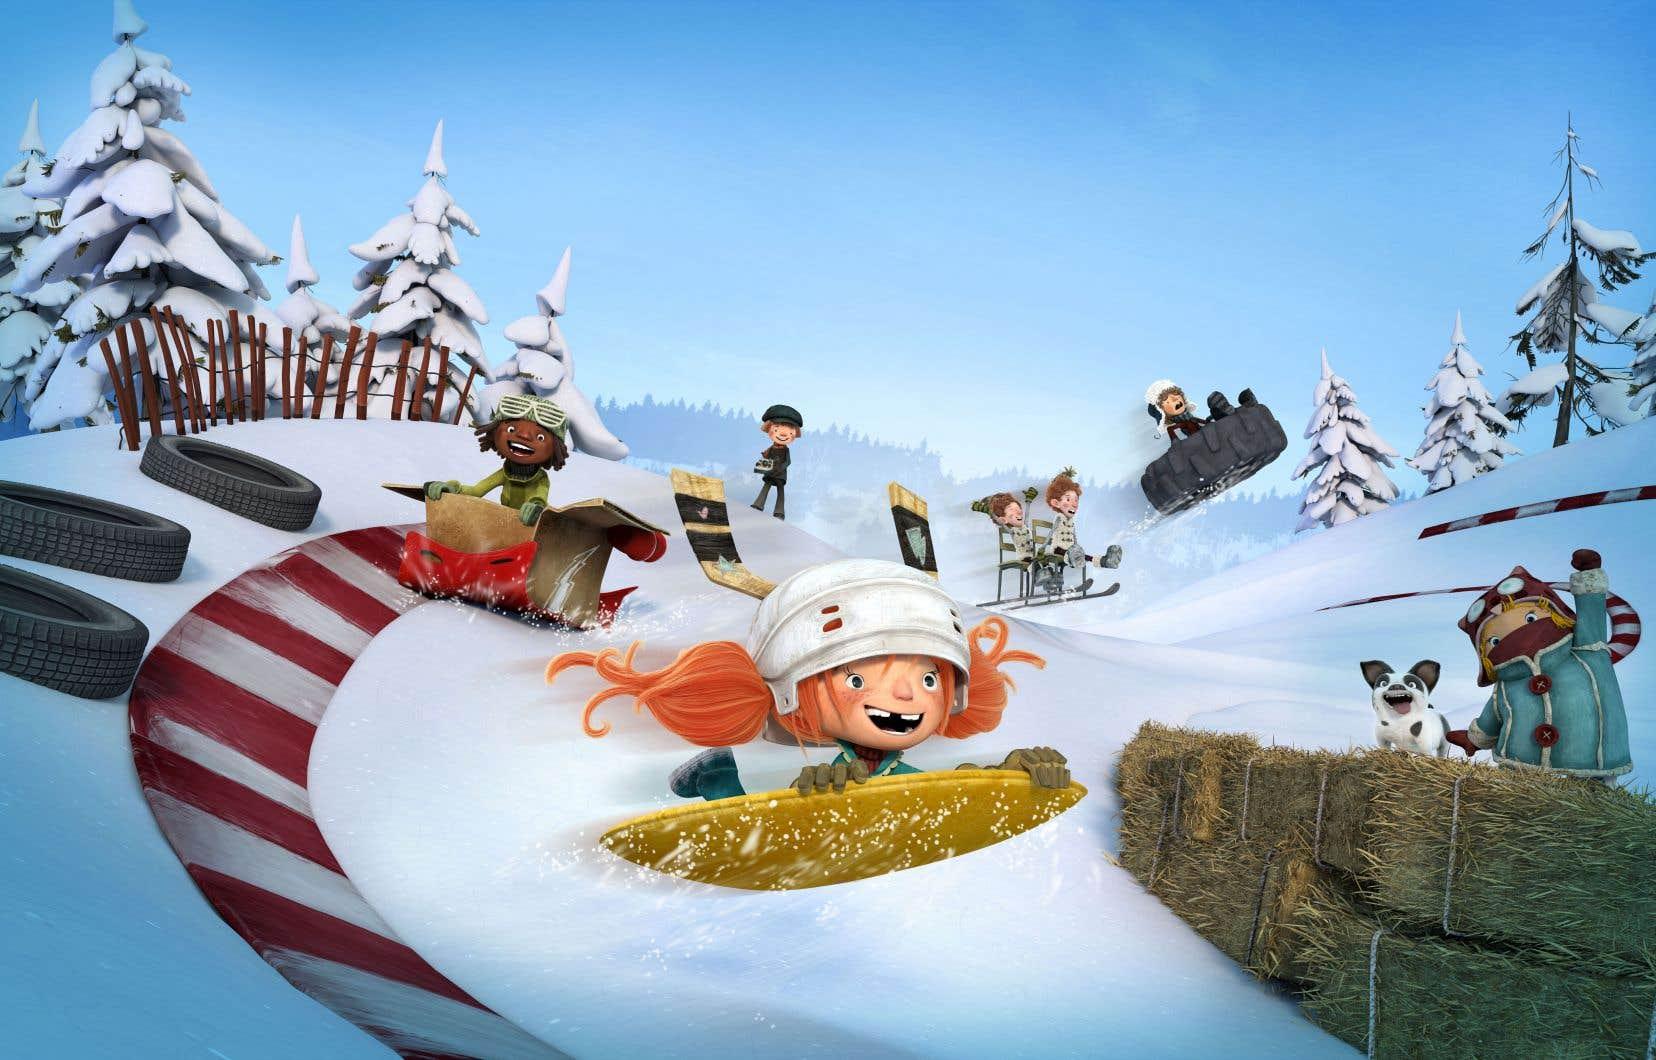 Trois ans après la sortie de «La guerre des tuques 3D» (2015), la boîte de production CarpeDiem Film & TV lance «La course des tuques». L'objectif avoué: poursuivre l'aventure, au-delà de l'écran.